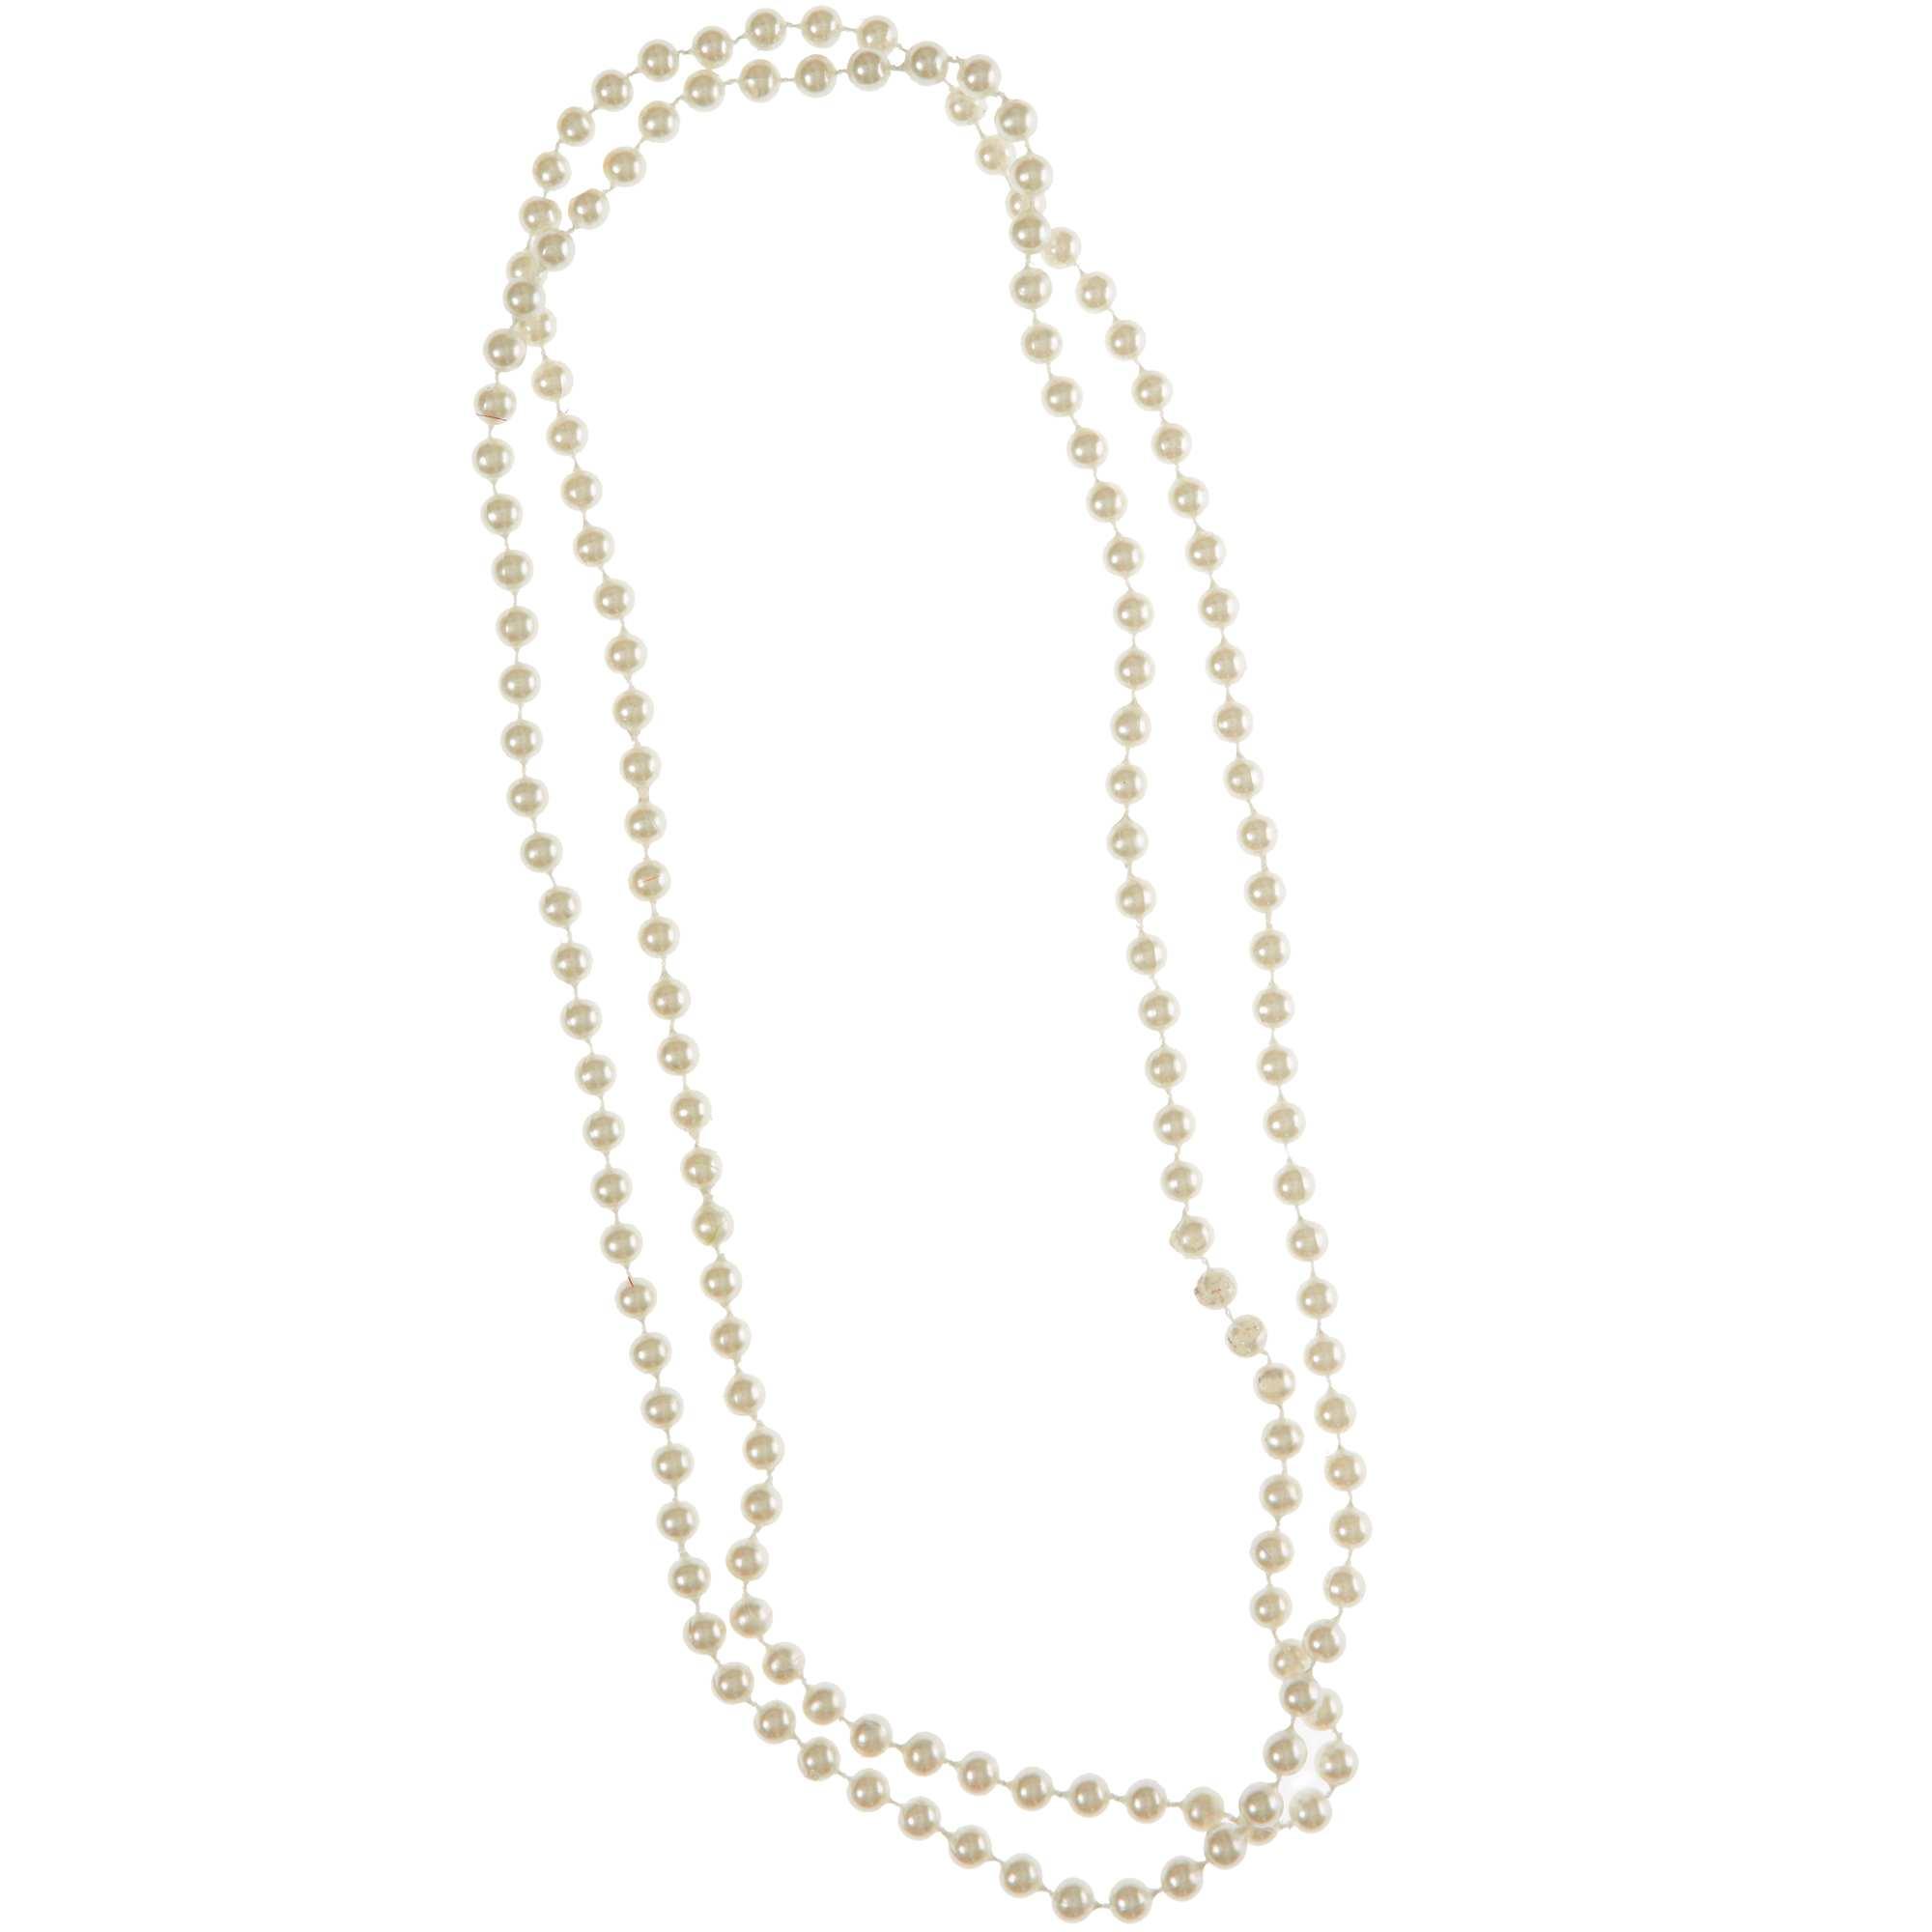 Couleur : blanc, , ,, - Taille : TU, , ,,Collier sautoir de perles. - Longueur totale : 160 cm - Perles factices